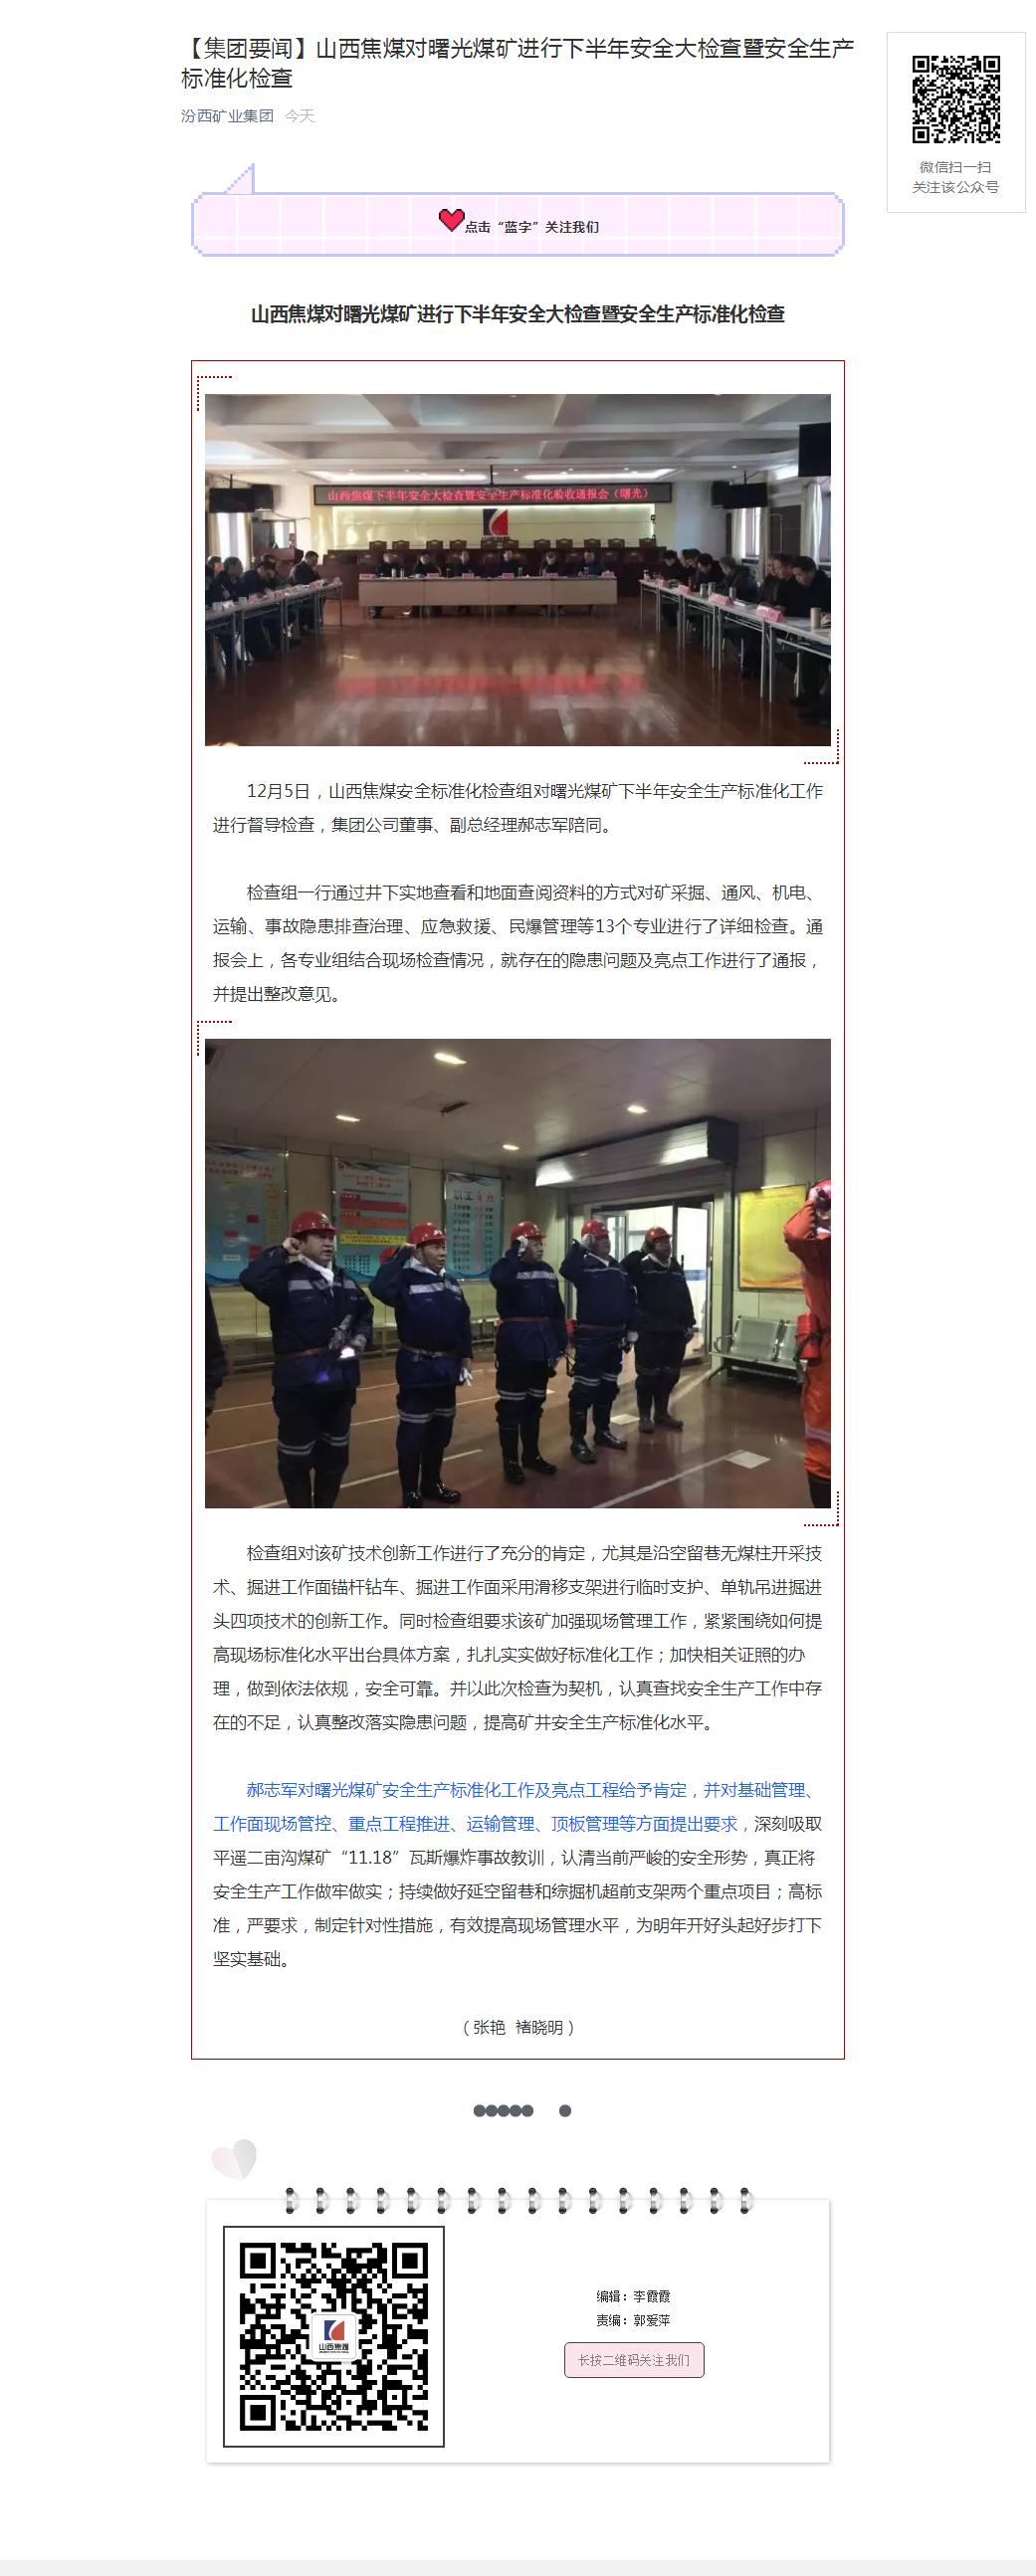 山西焦煤对曙光煤矿进行下半年安全大检查暨安全生产标准化检查.png